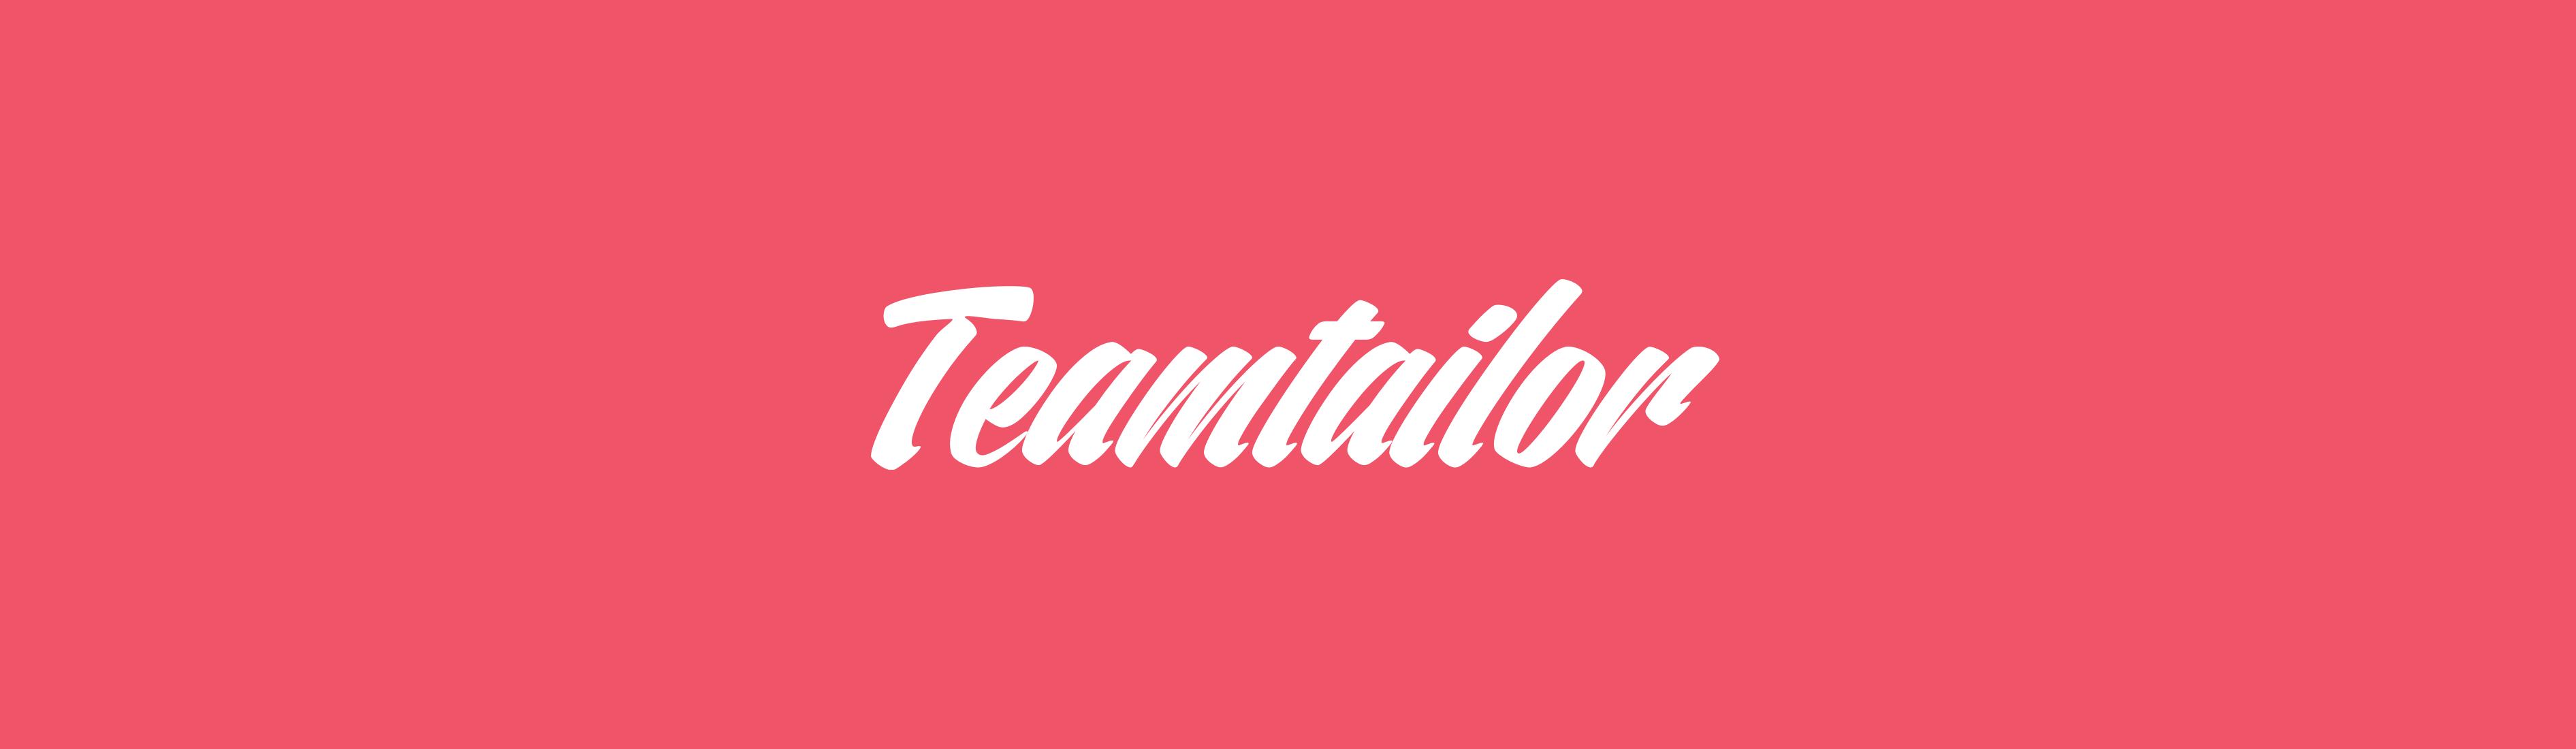 Nyfiken på Teamtailor?